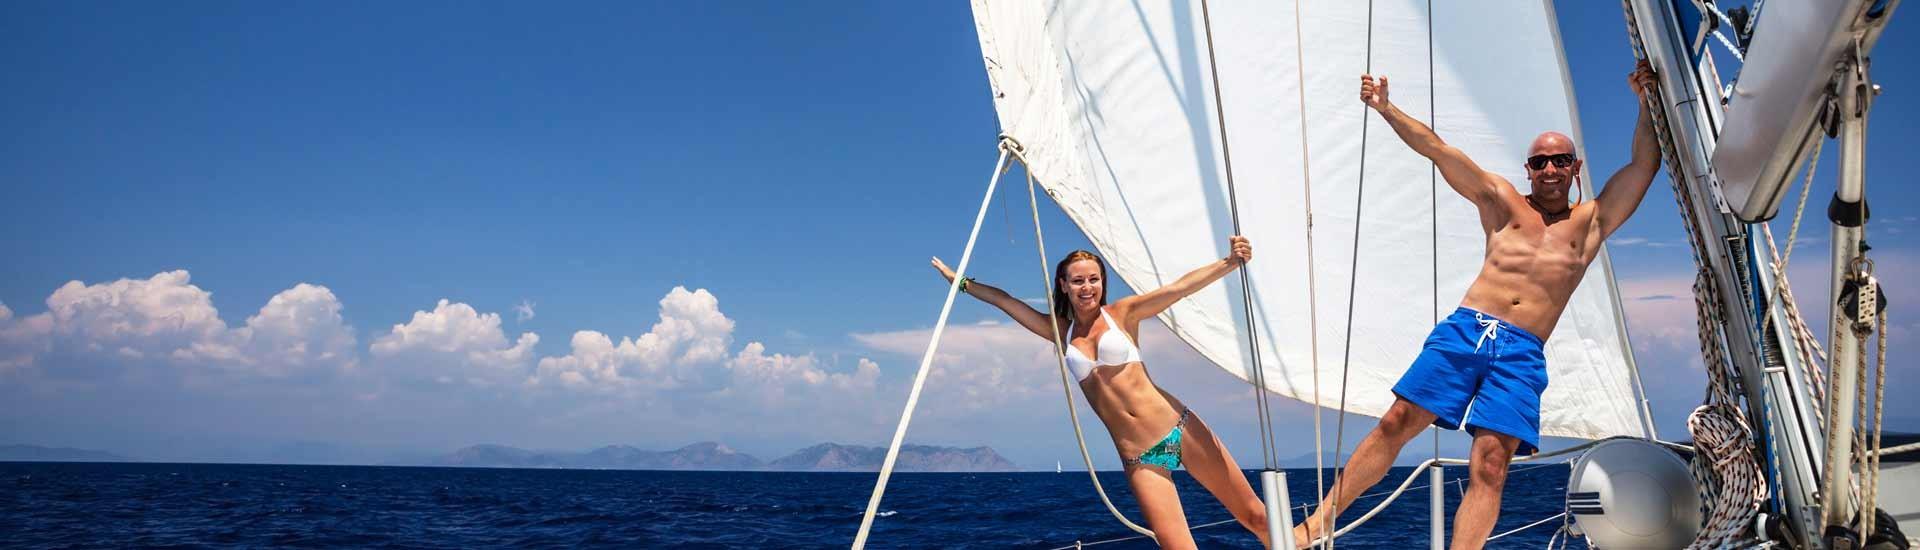 Hav det sjovt på sejlbåd